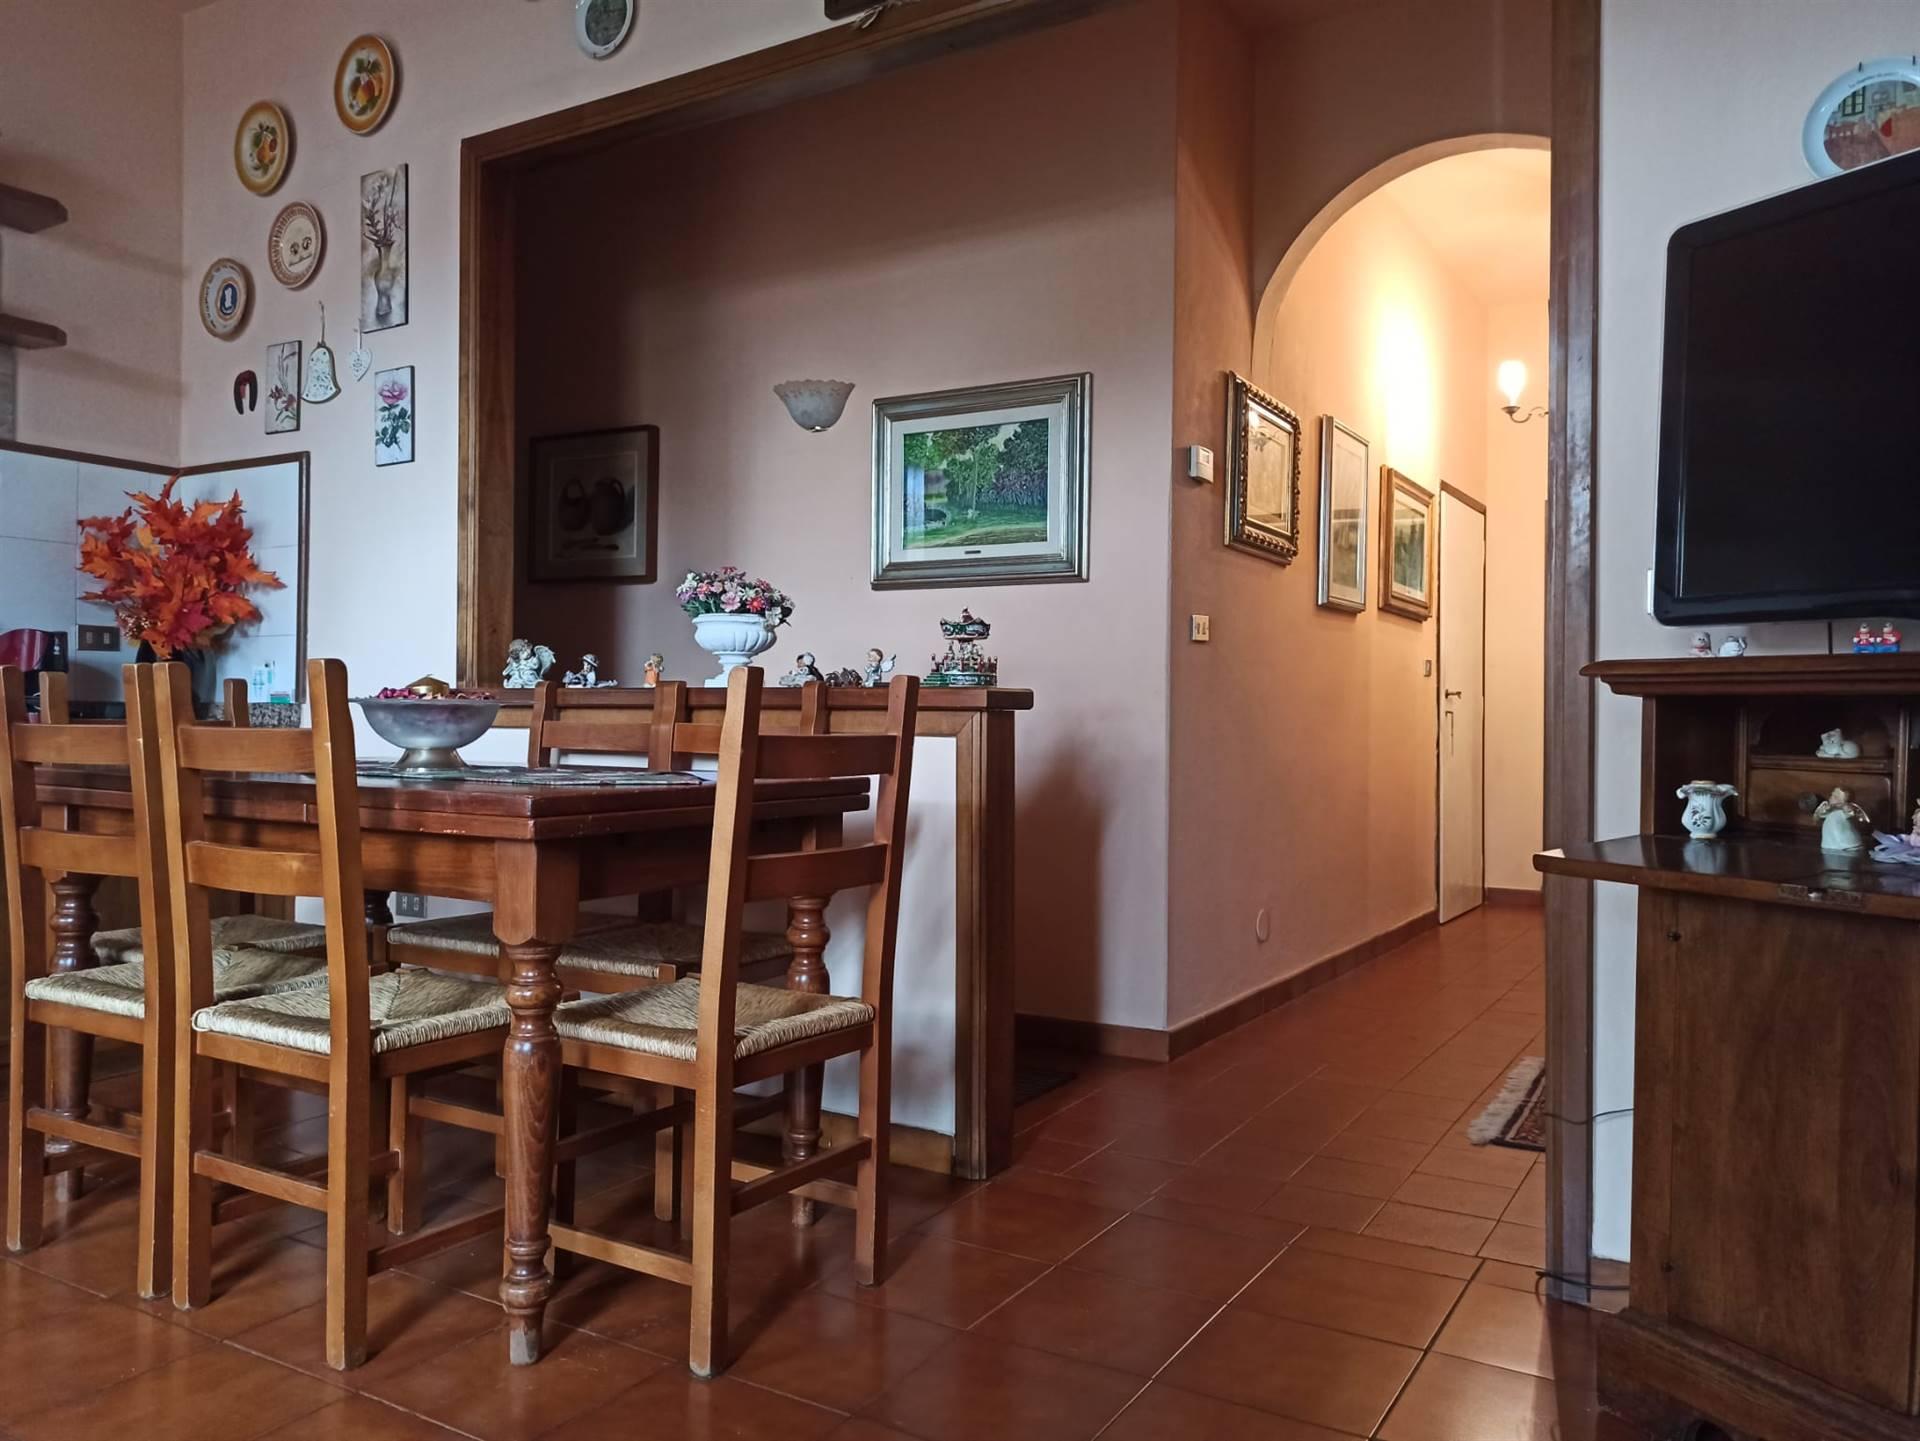 Appartamento in vendita a Calenzano, 5 locali, prezzo € 395.000 | PortaleAgenzieImmobiliari.it